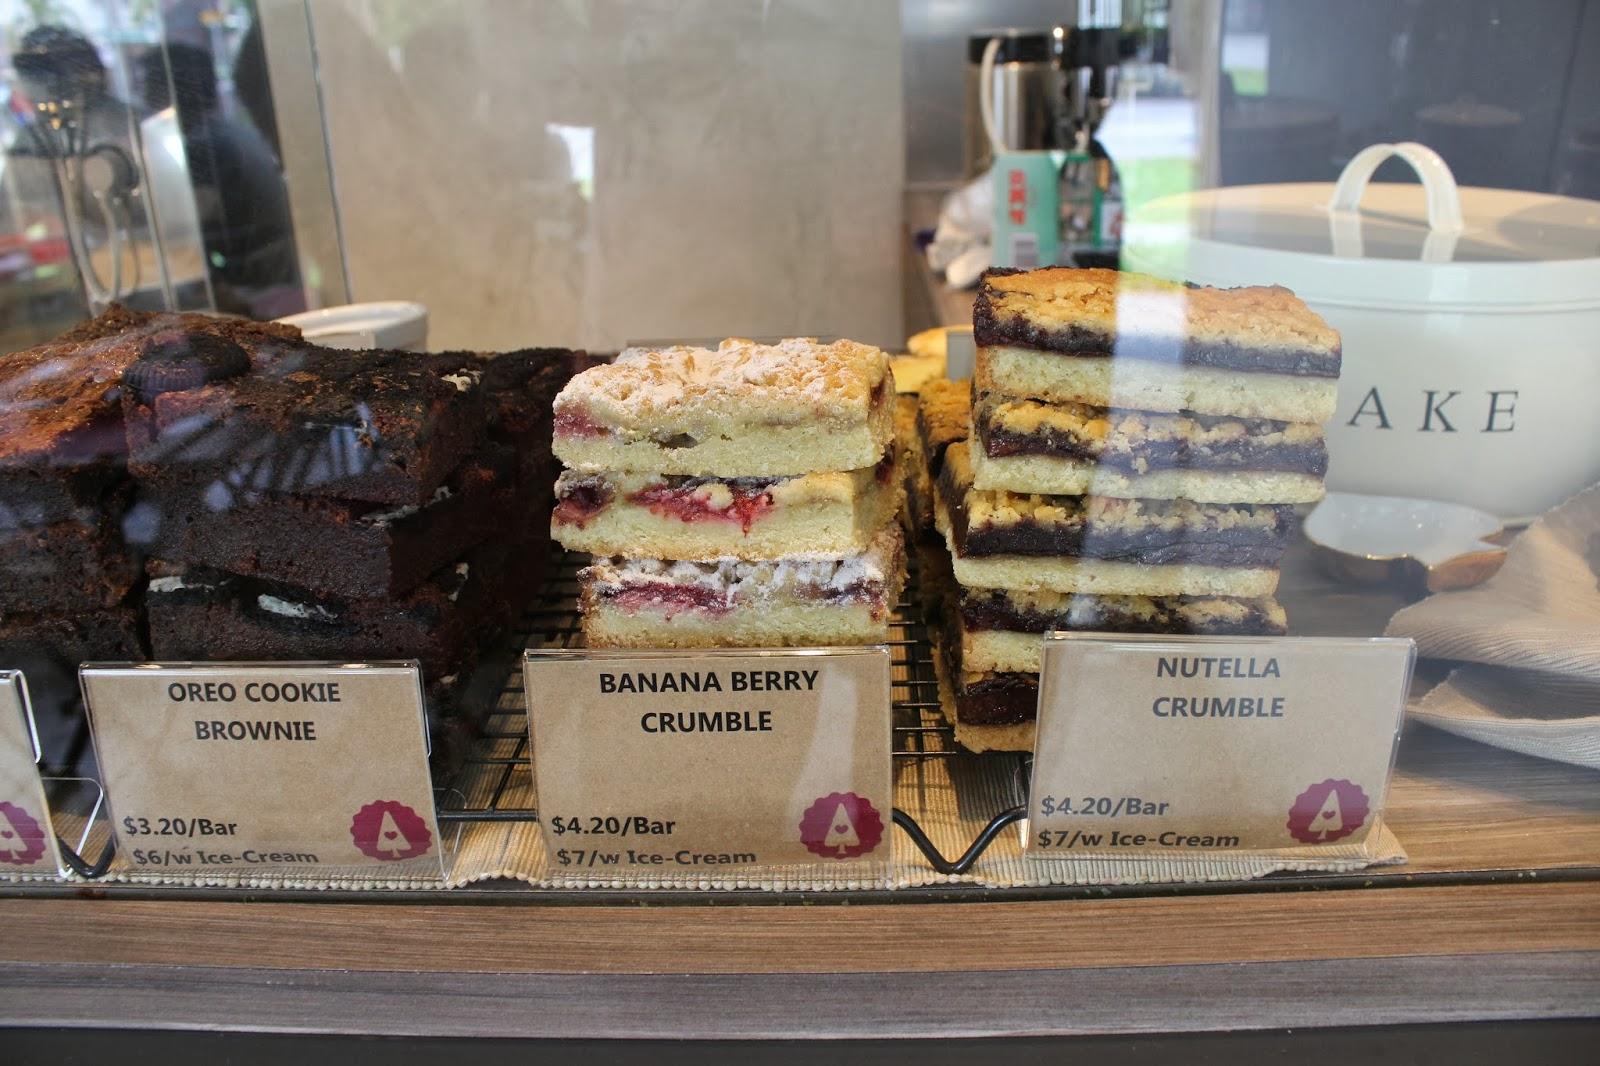 Nutella Banana Cake Singapore